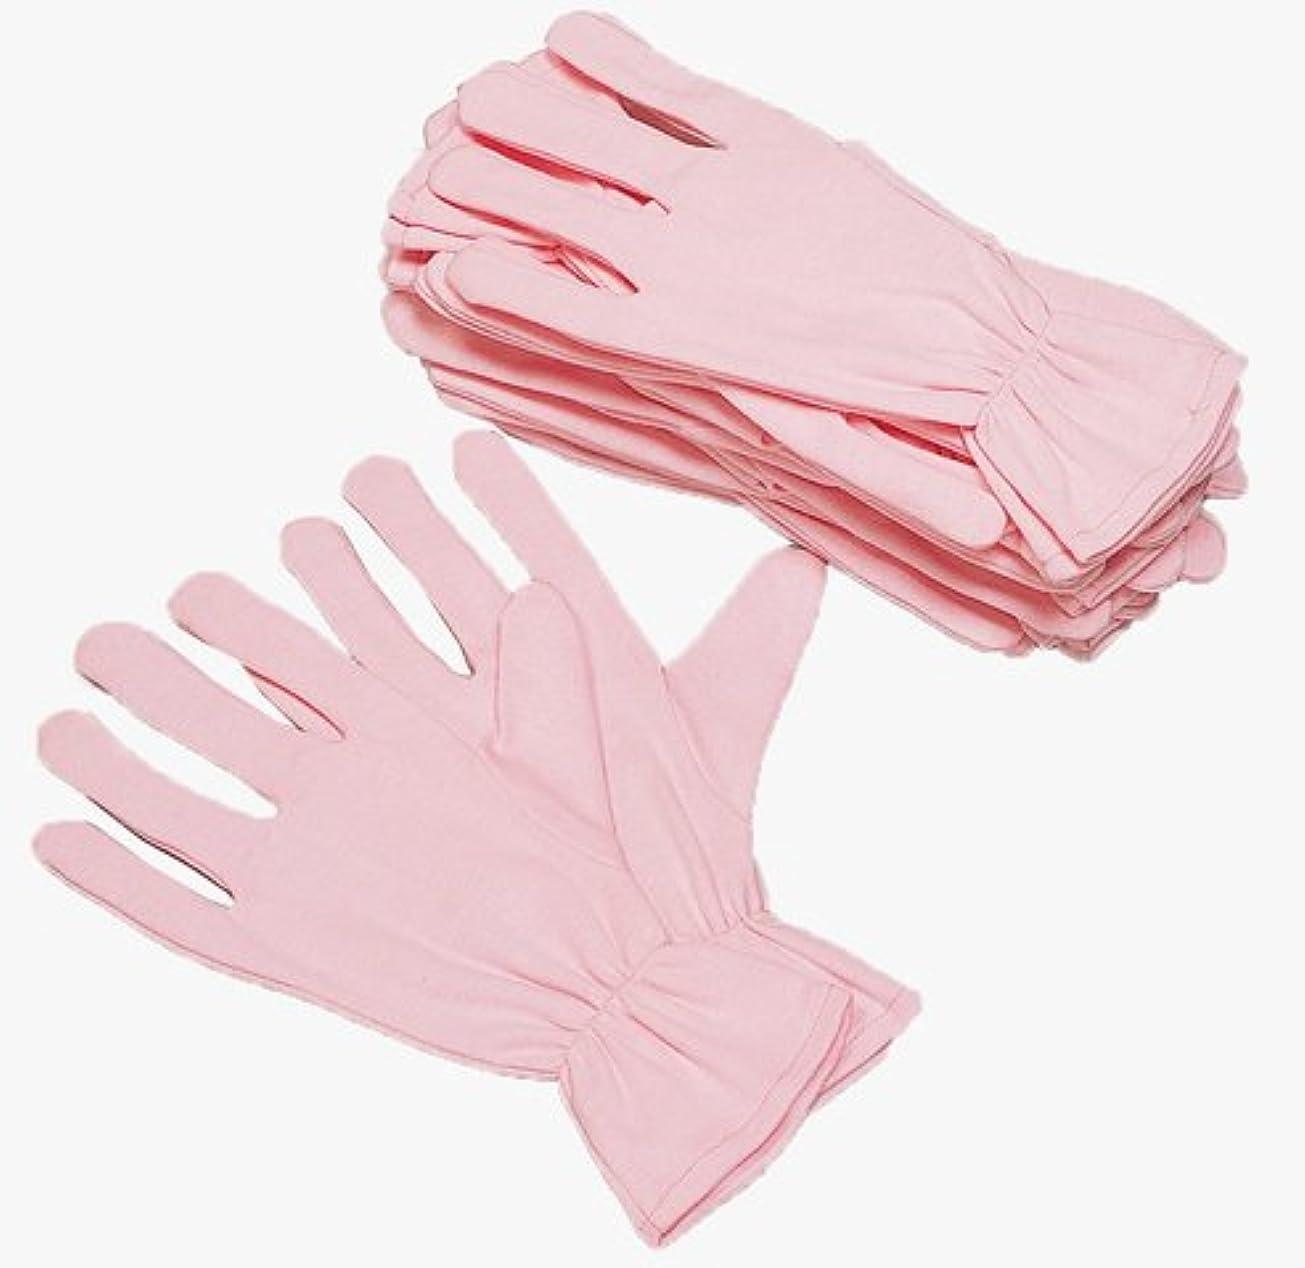 冷酷な犯罪忍耐綿ソフト手袋12枚入×2個組